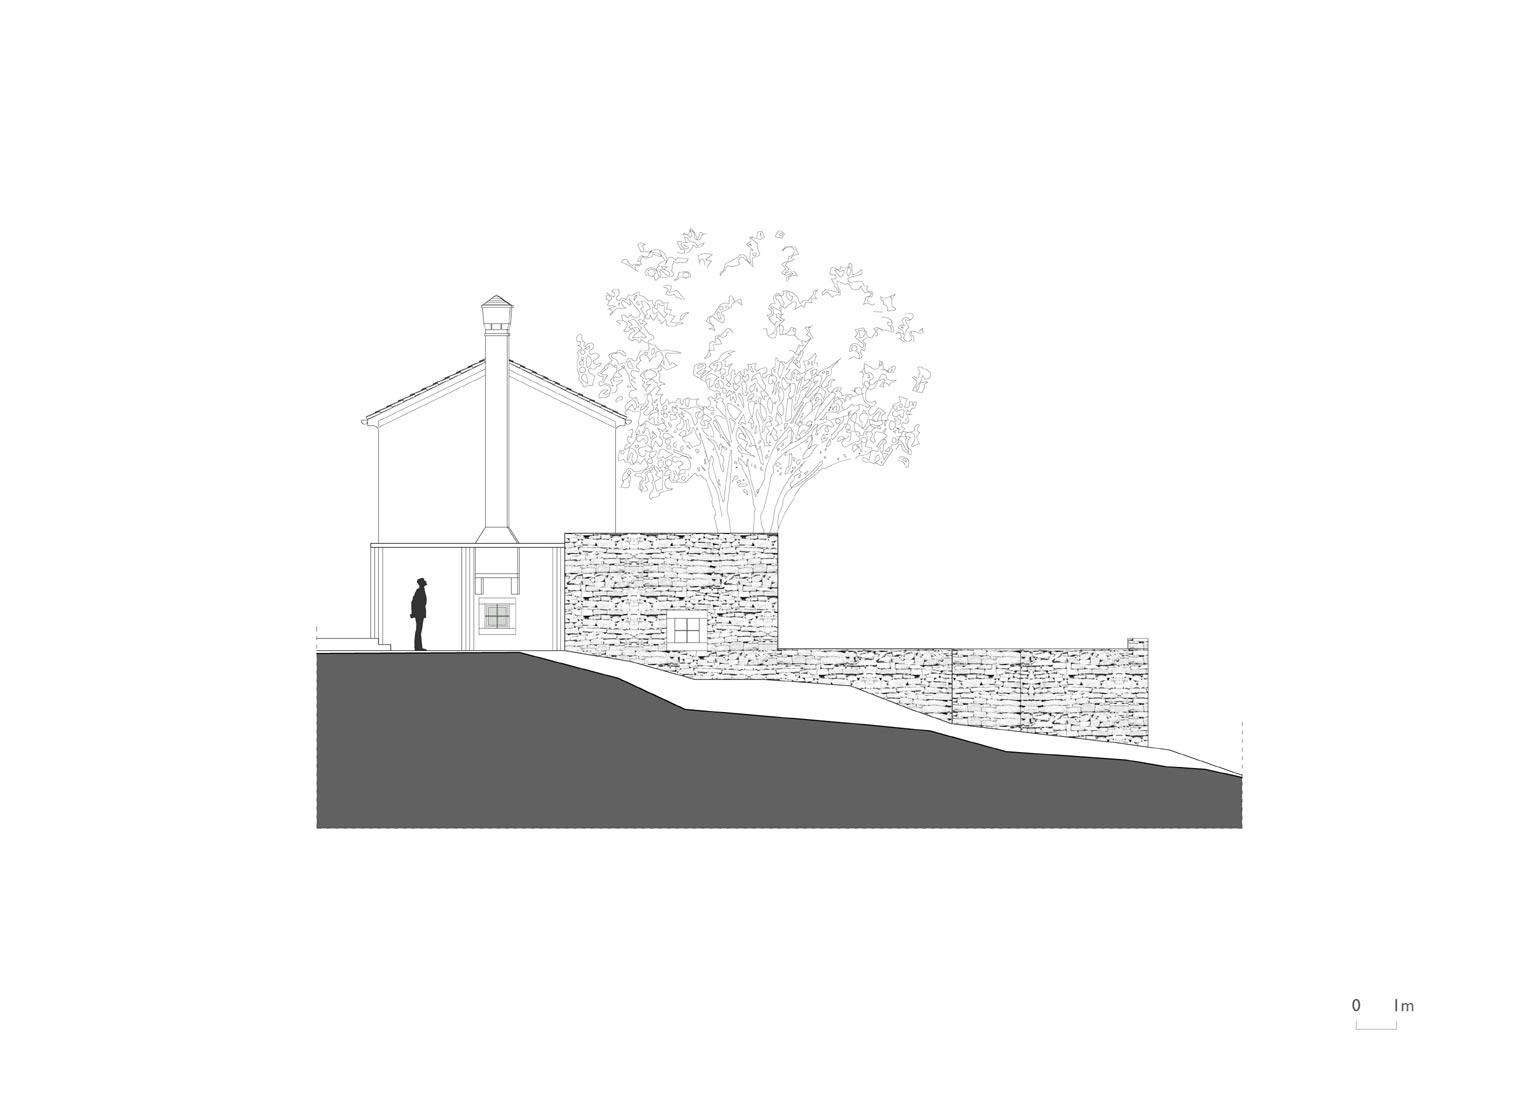 vk-architetti_samatorza_prosp3